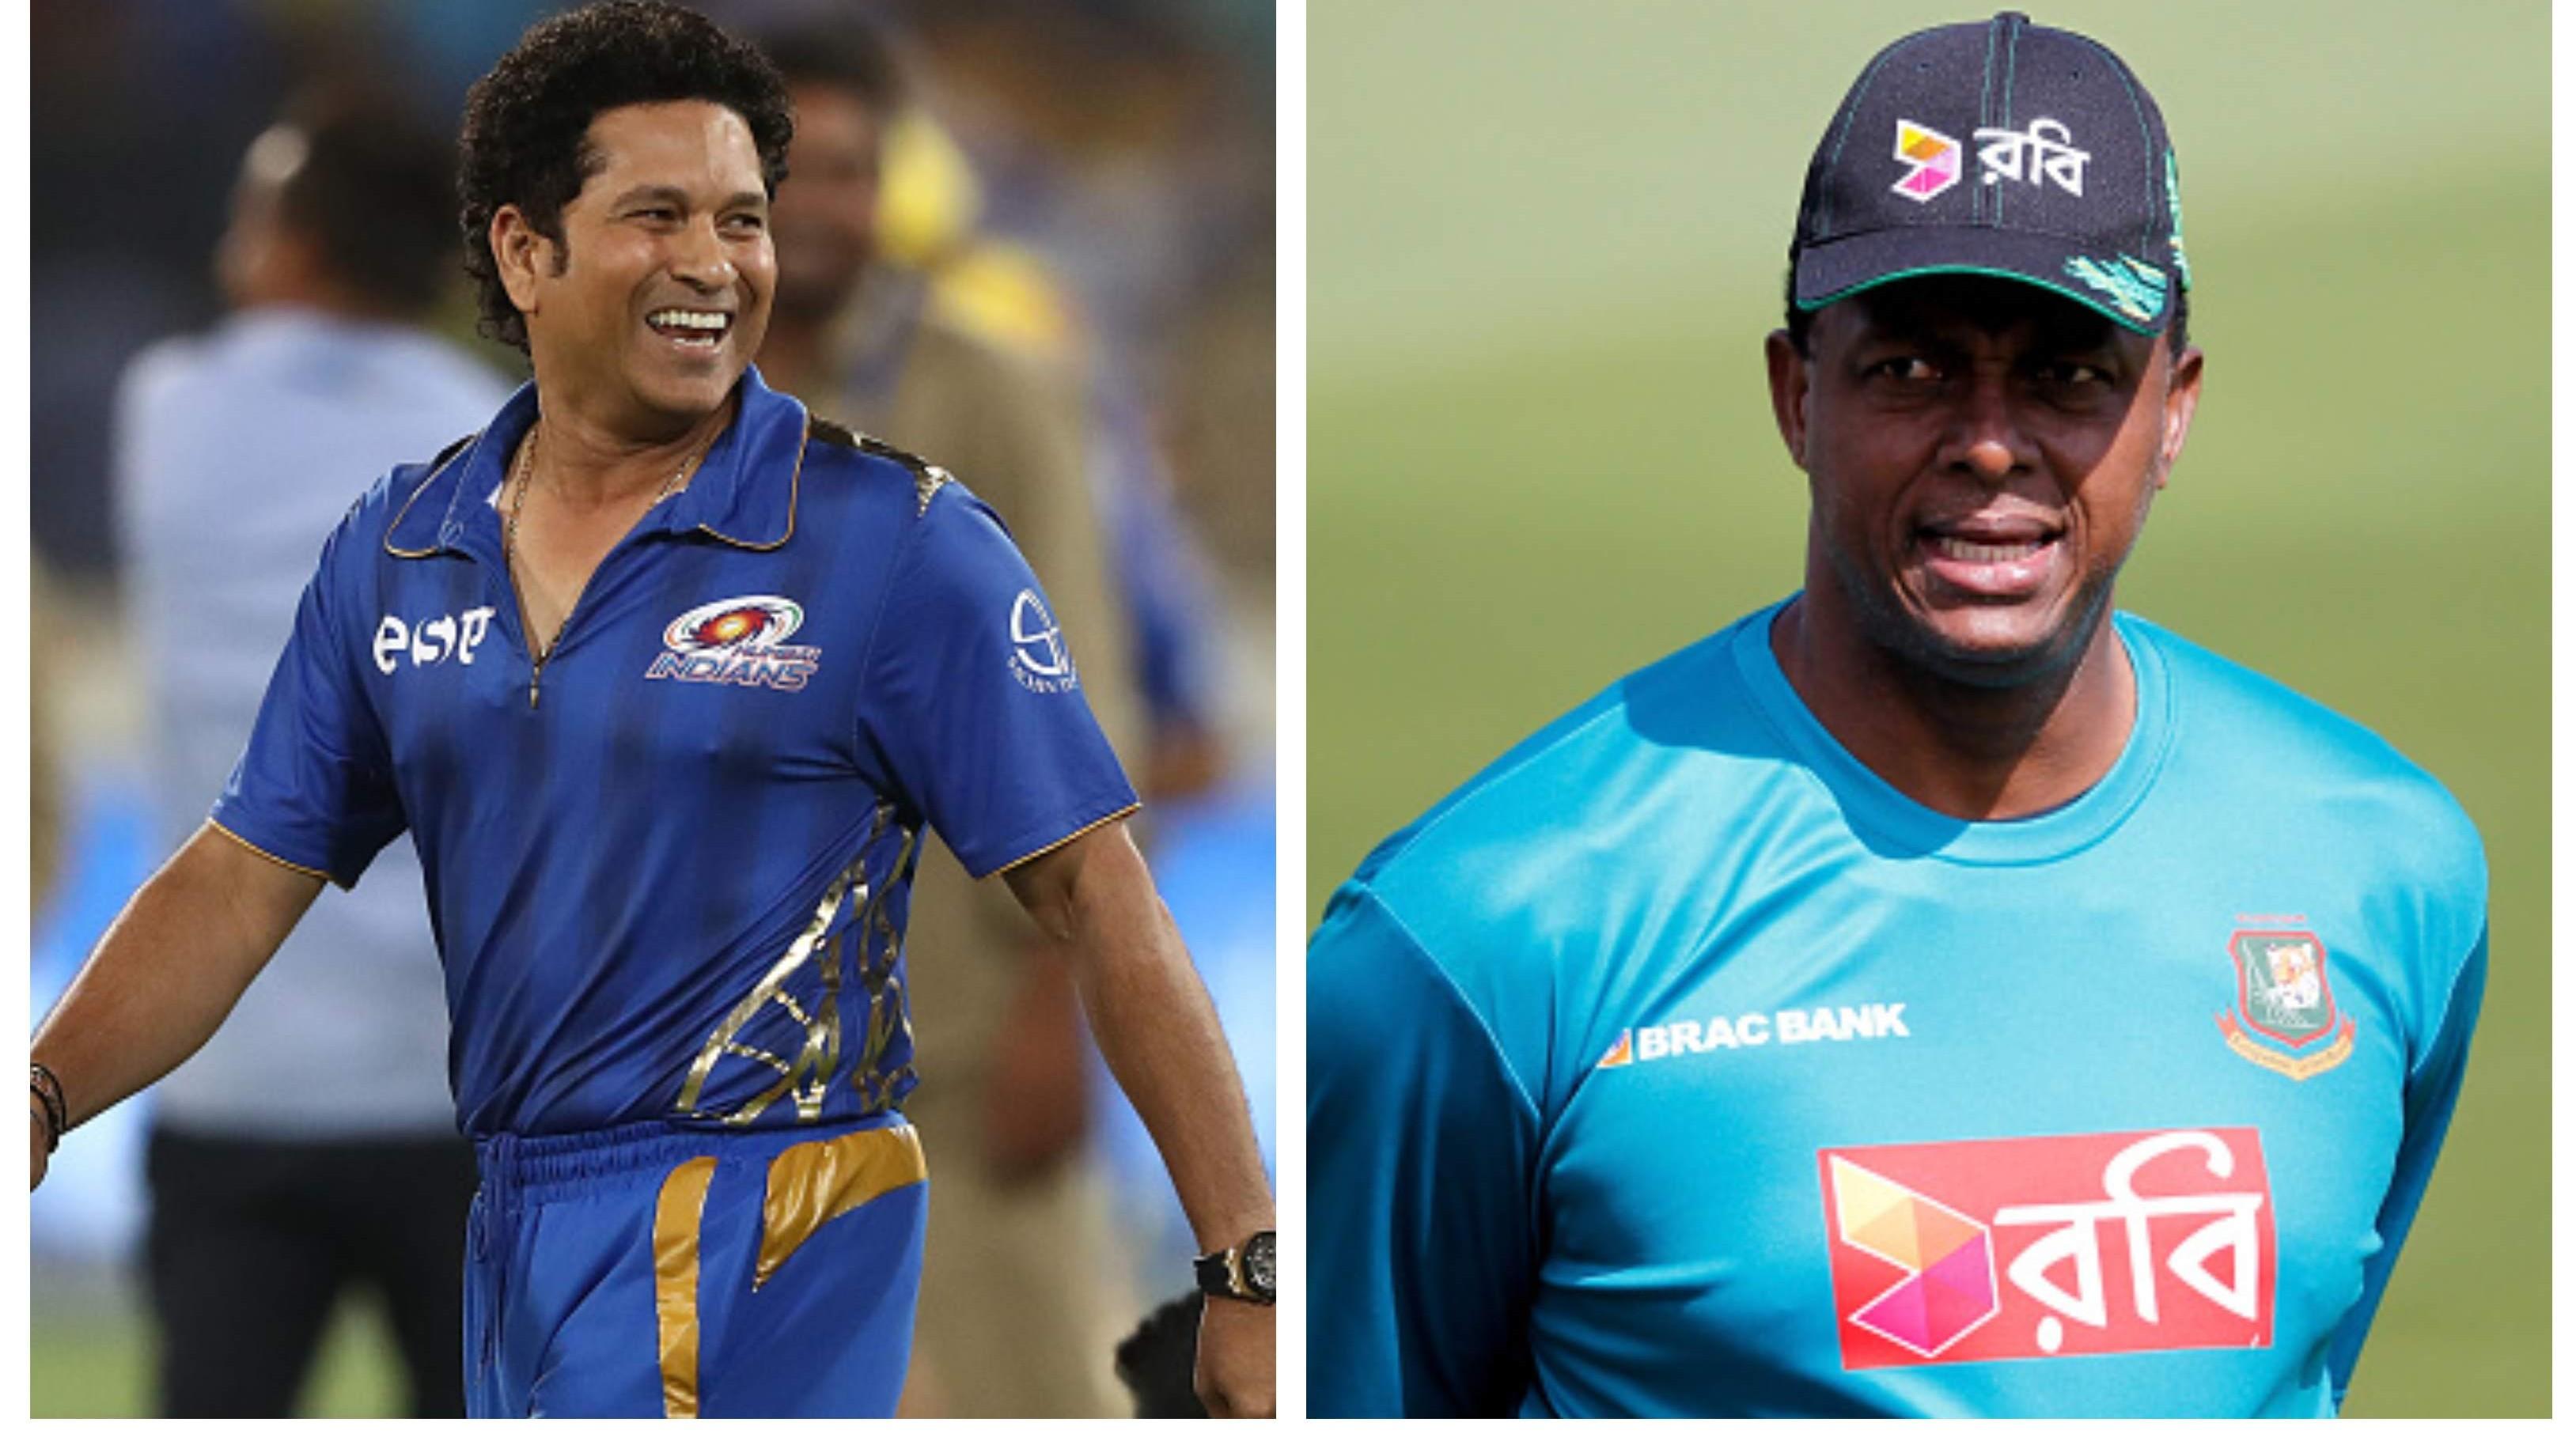 Tendulkar, Walsh to perform coaching duties in bushfire charity match, confirms Cricket Australia